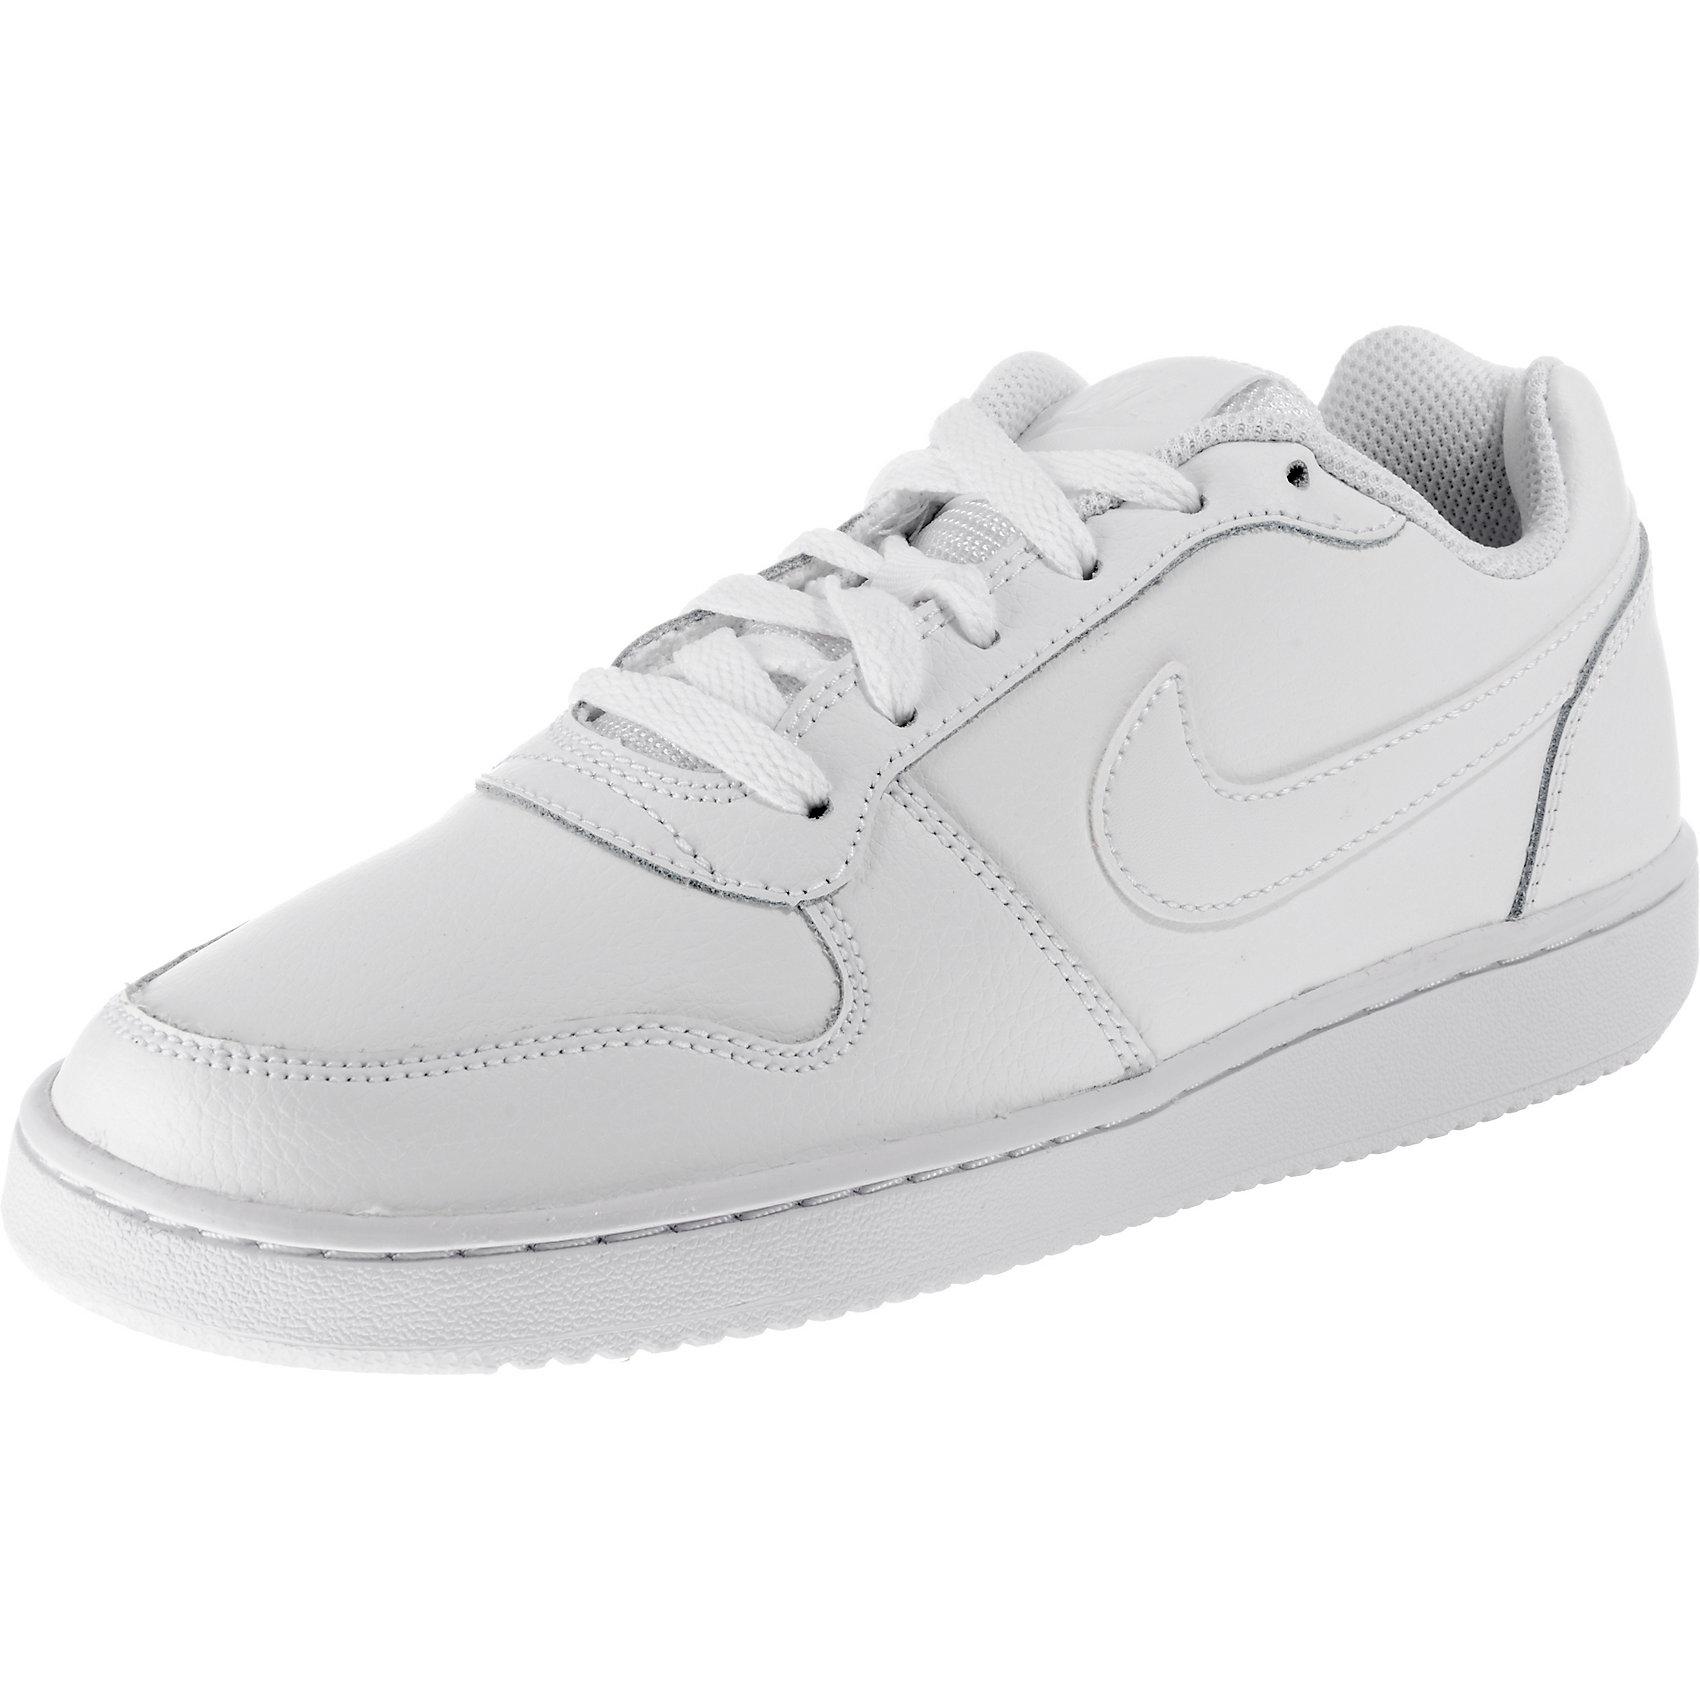 Neu Nike Sportswear Ebernon Sneakers Low 8812839 für Damen weiß